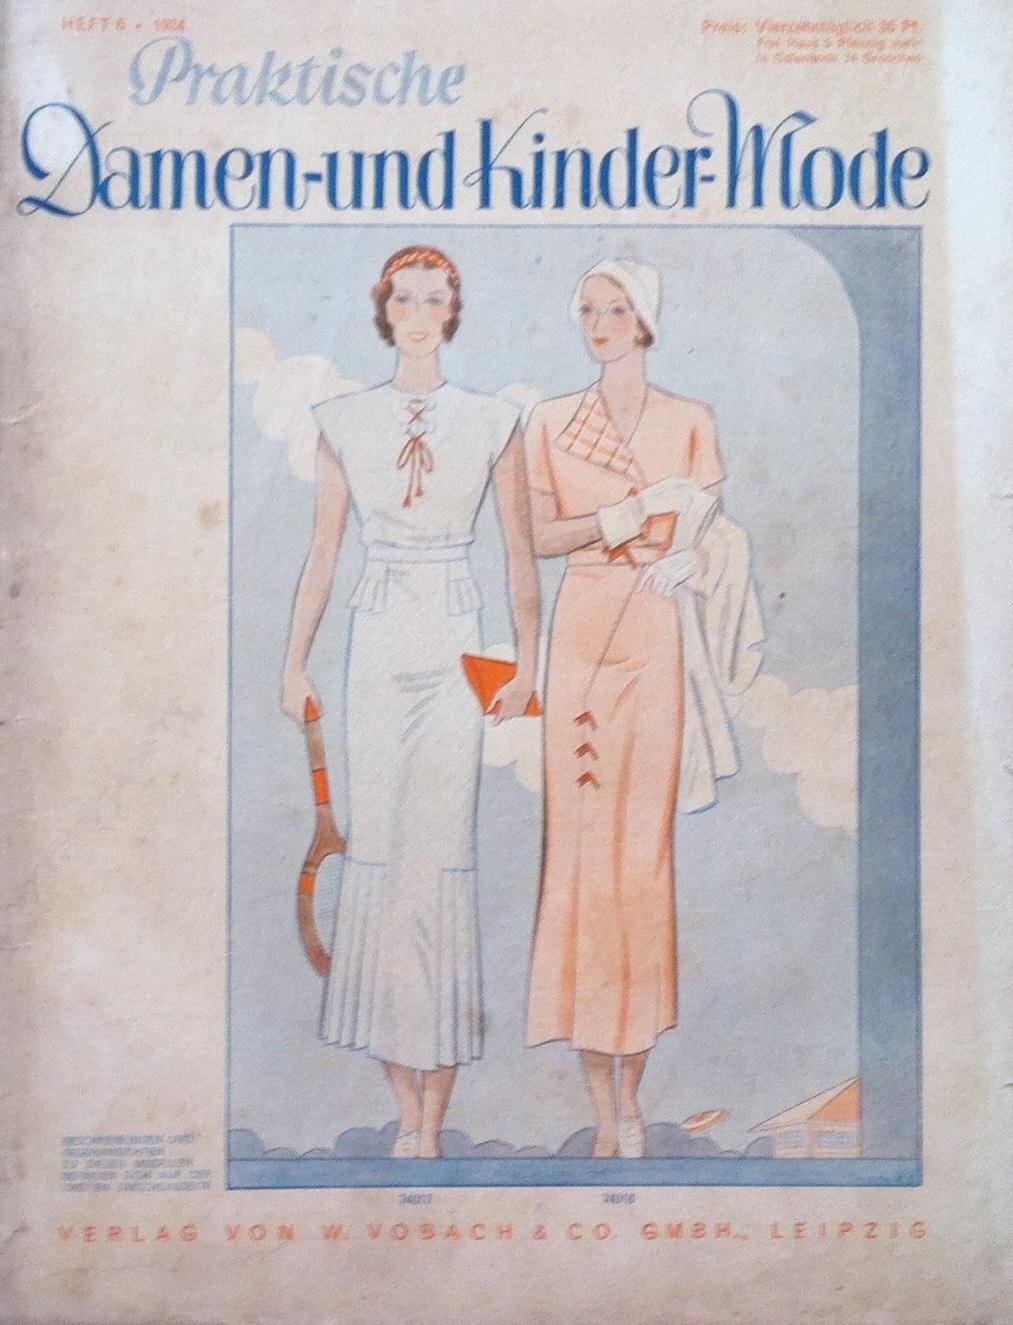 Praktische Damen- und Kinder-Mode No. 6 1934